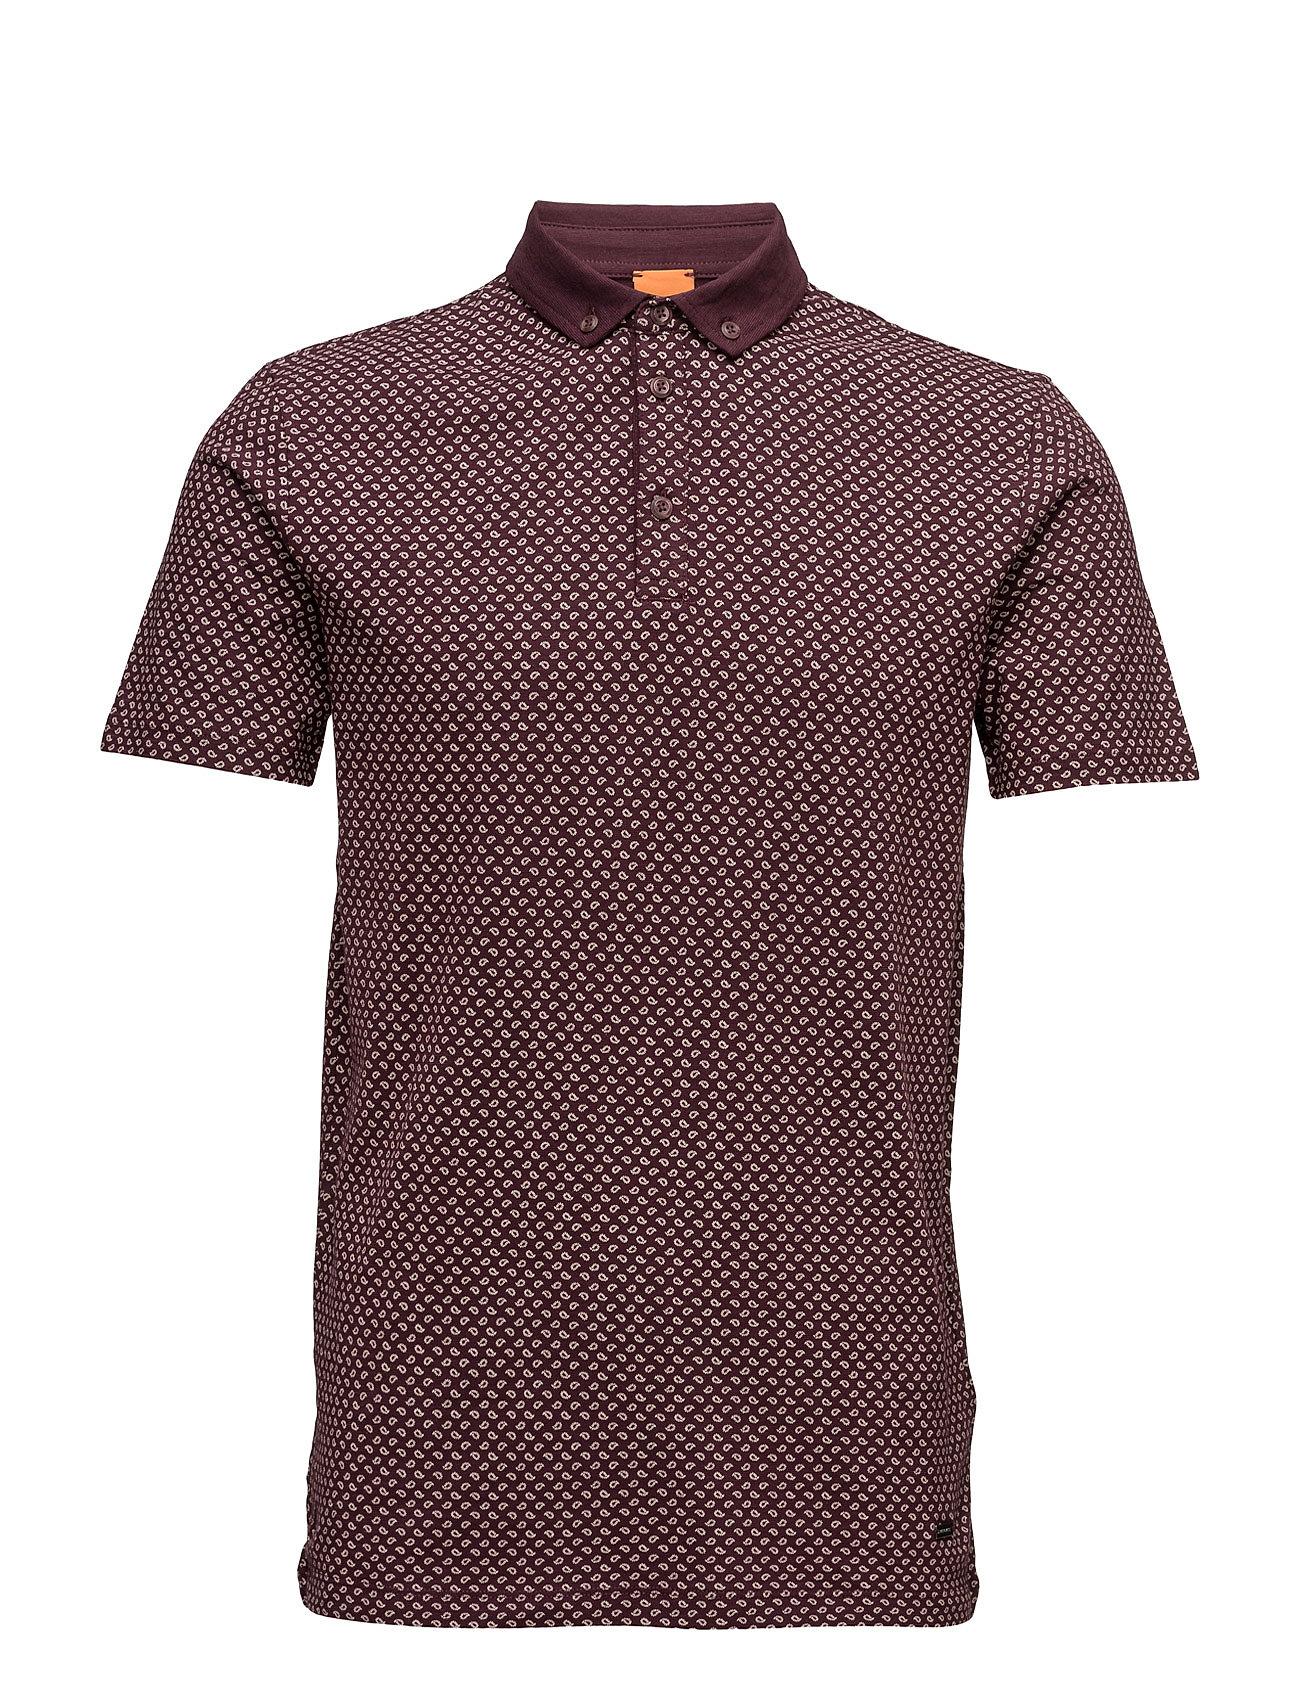 Perhaps BOSS Orange Kortærmede polo t-shirts til Herrer i